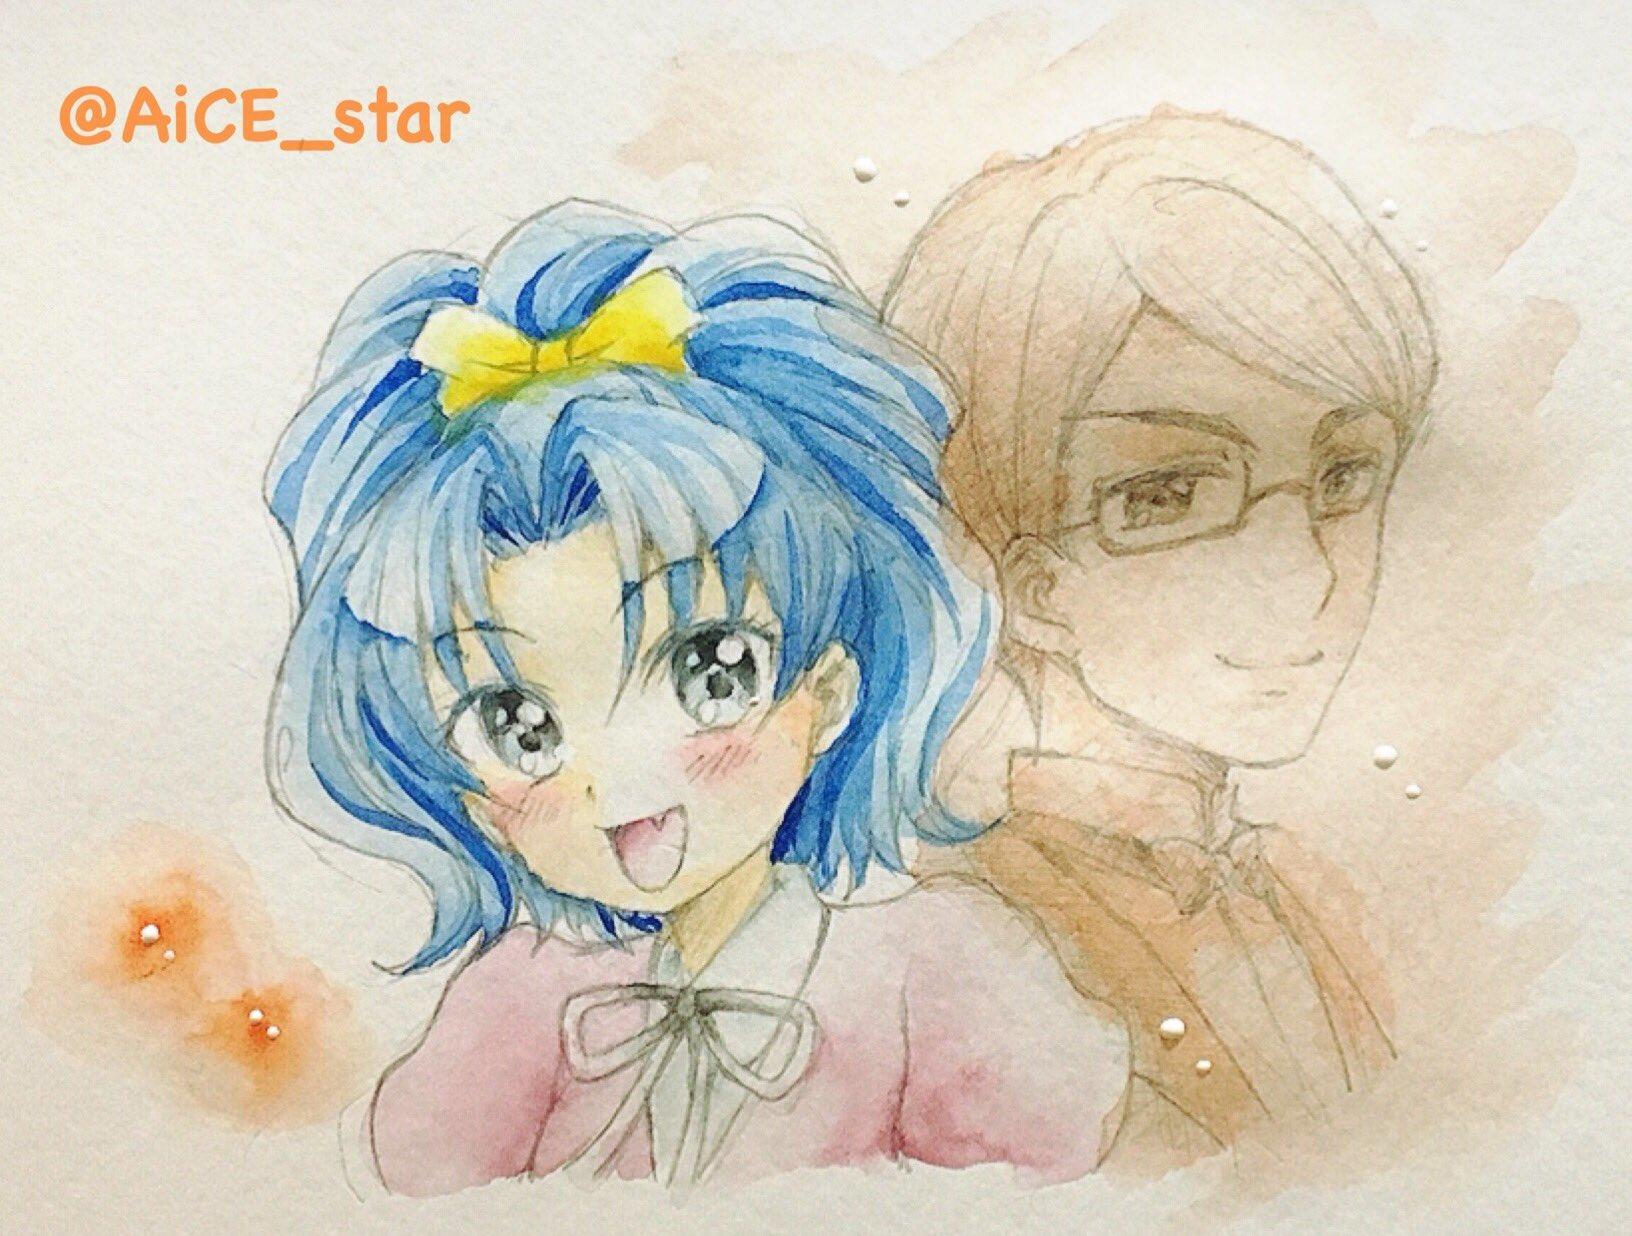 あぃす (@AiCE_star)さんのイラスト